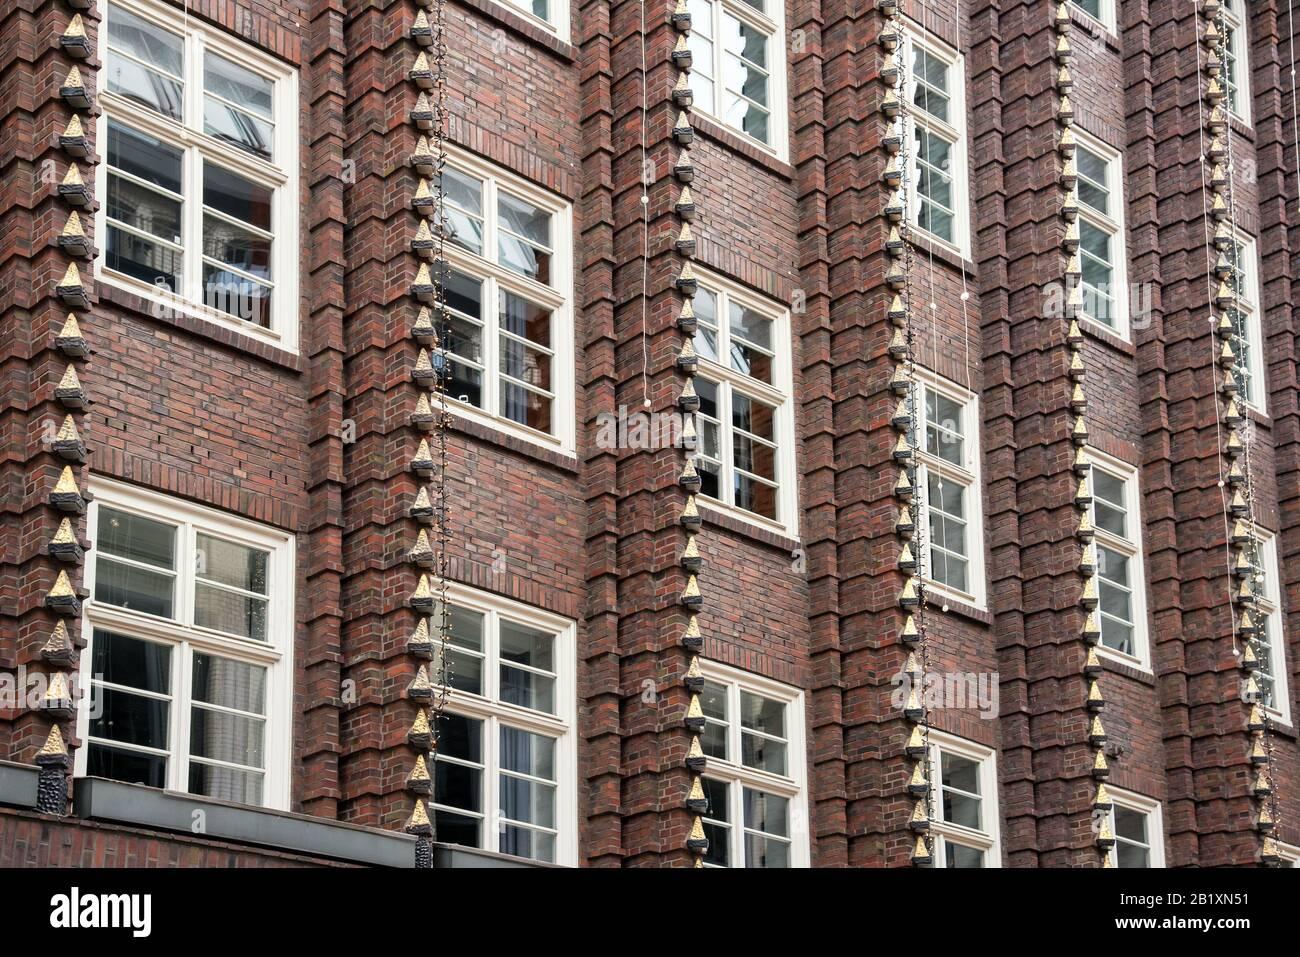 Façade en briques brunes du palais avec fenêtres et reliefs verticaux décoratifs, vue de bas angle en plein cadre Banque D'Images